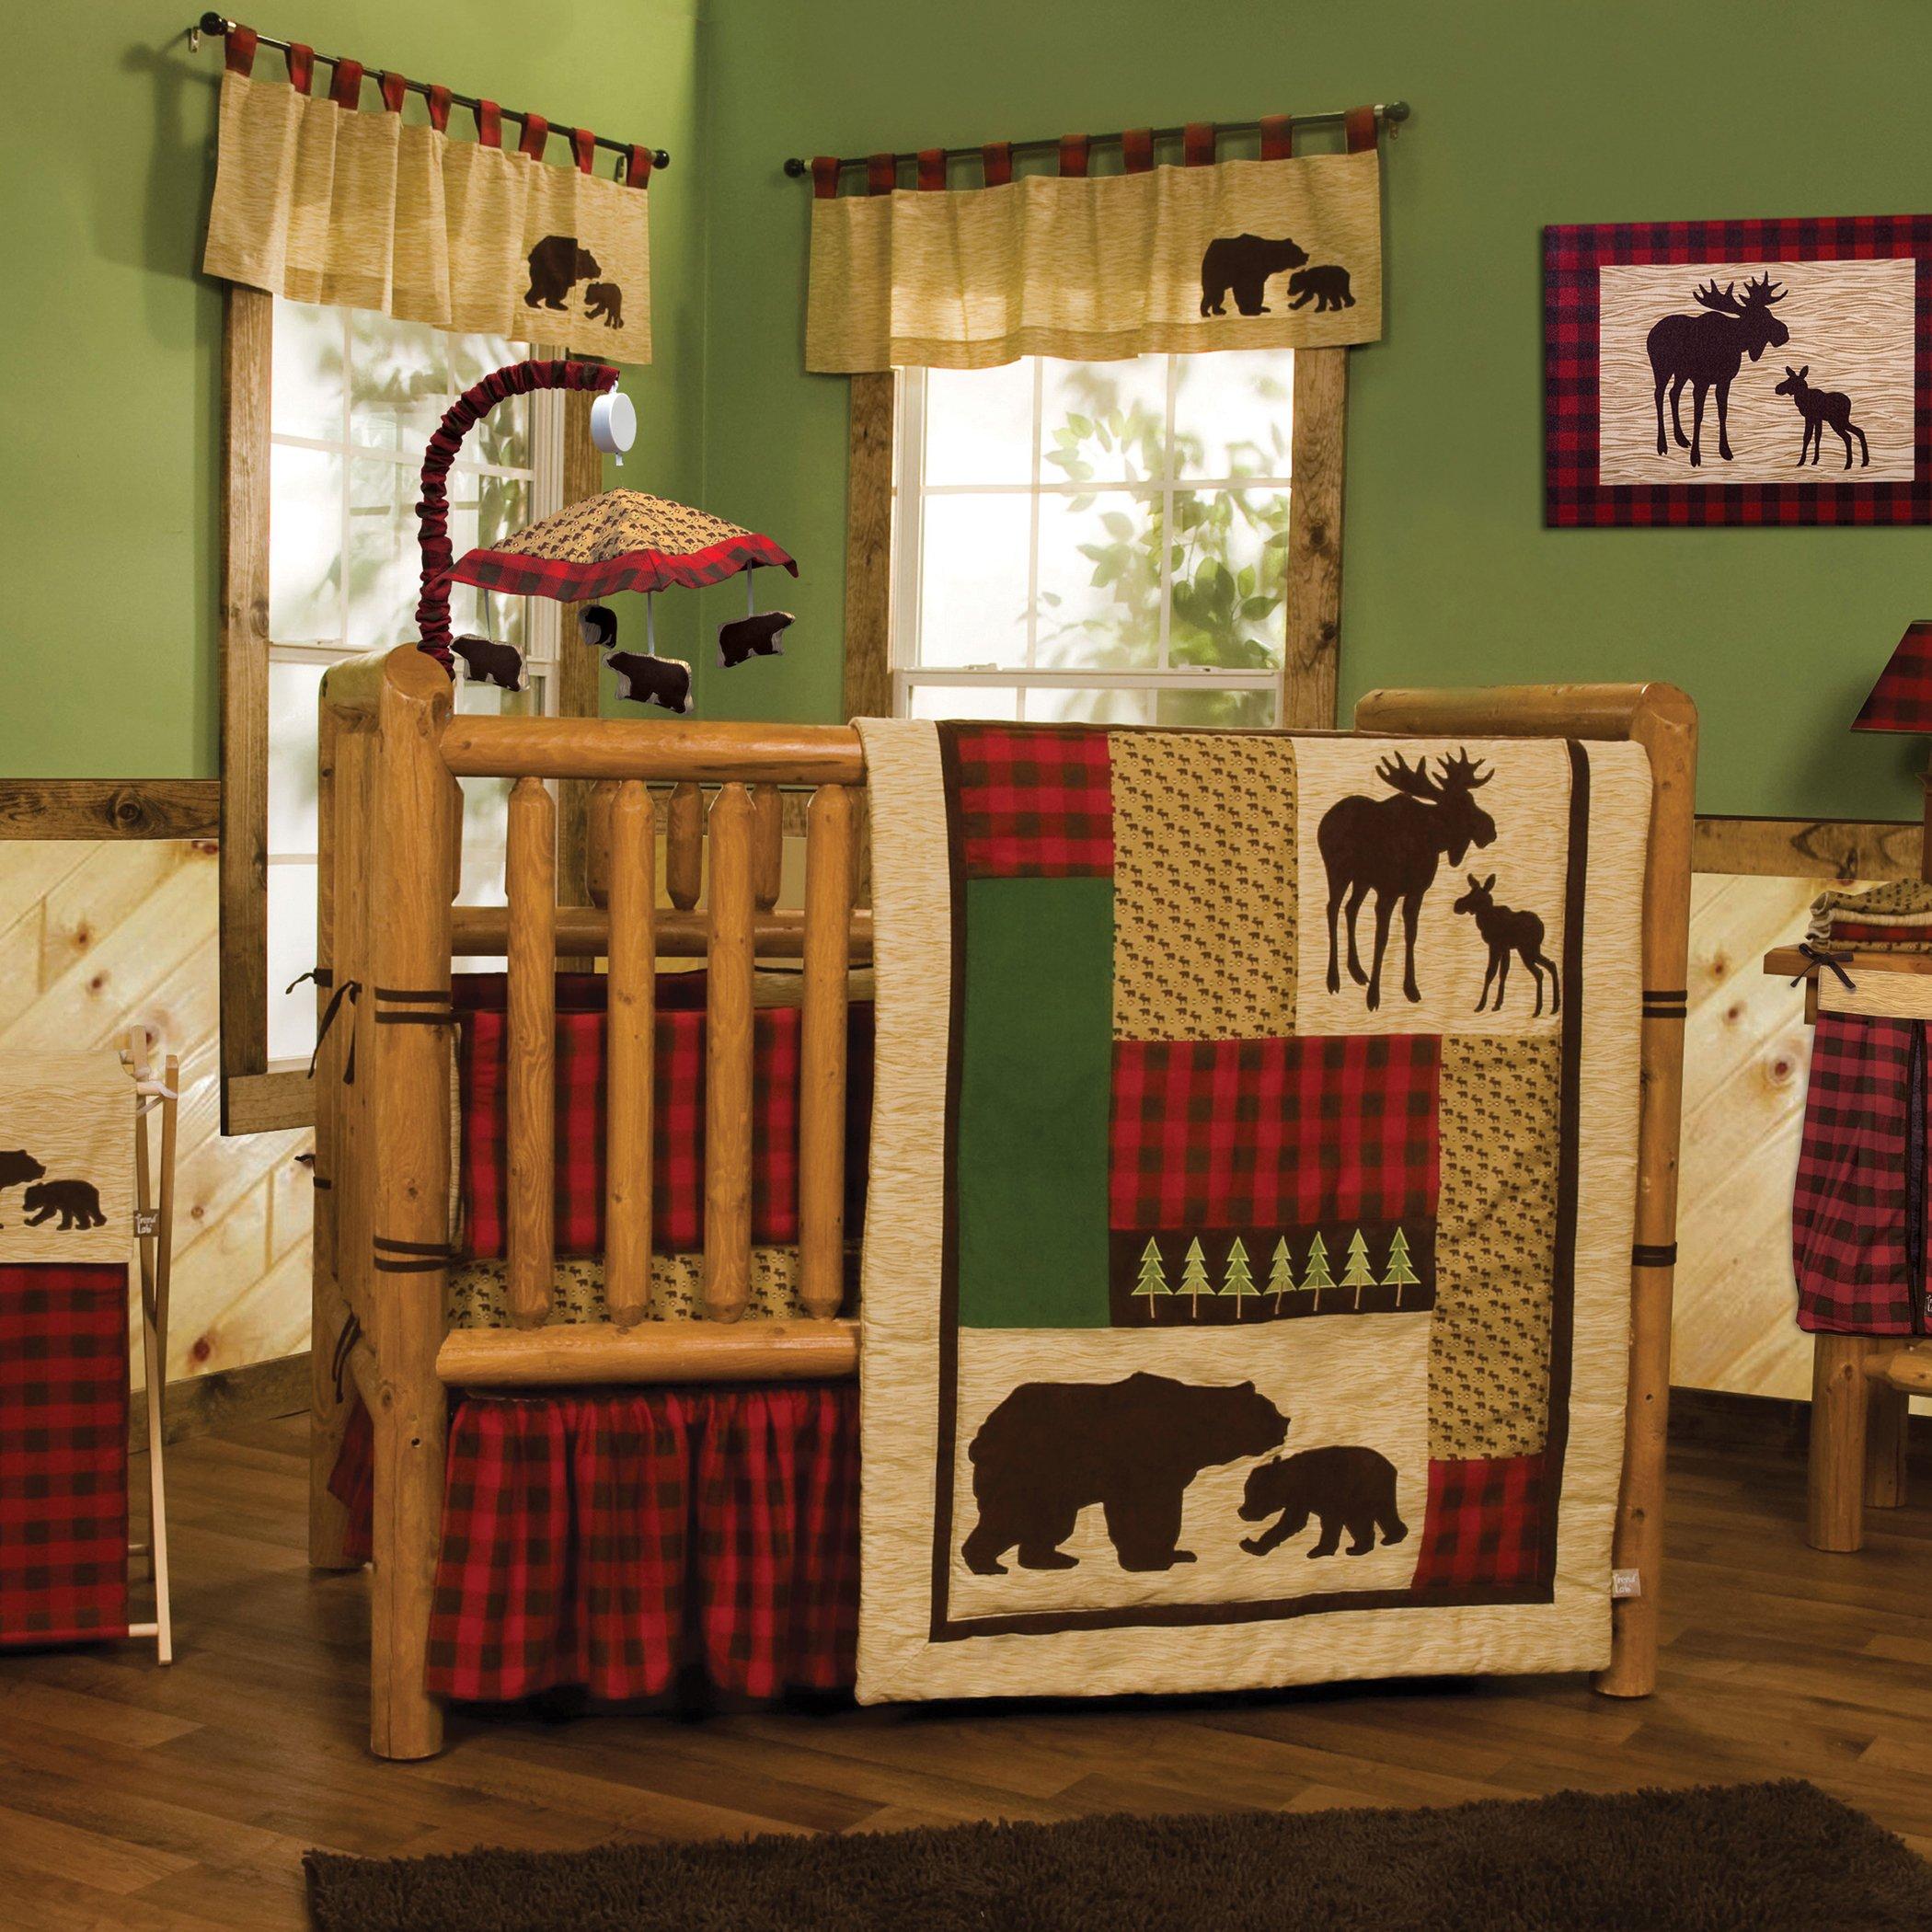 Trend Lab Trend Lab Northwoods 6 Piece Crib Bedding Set, Brown